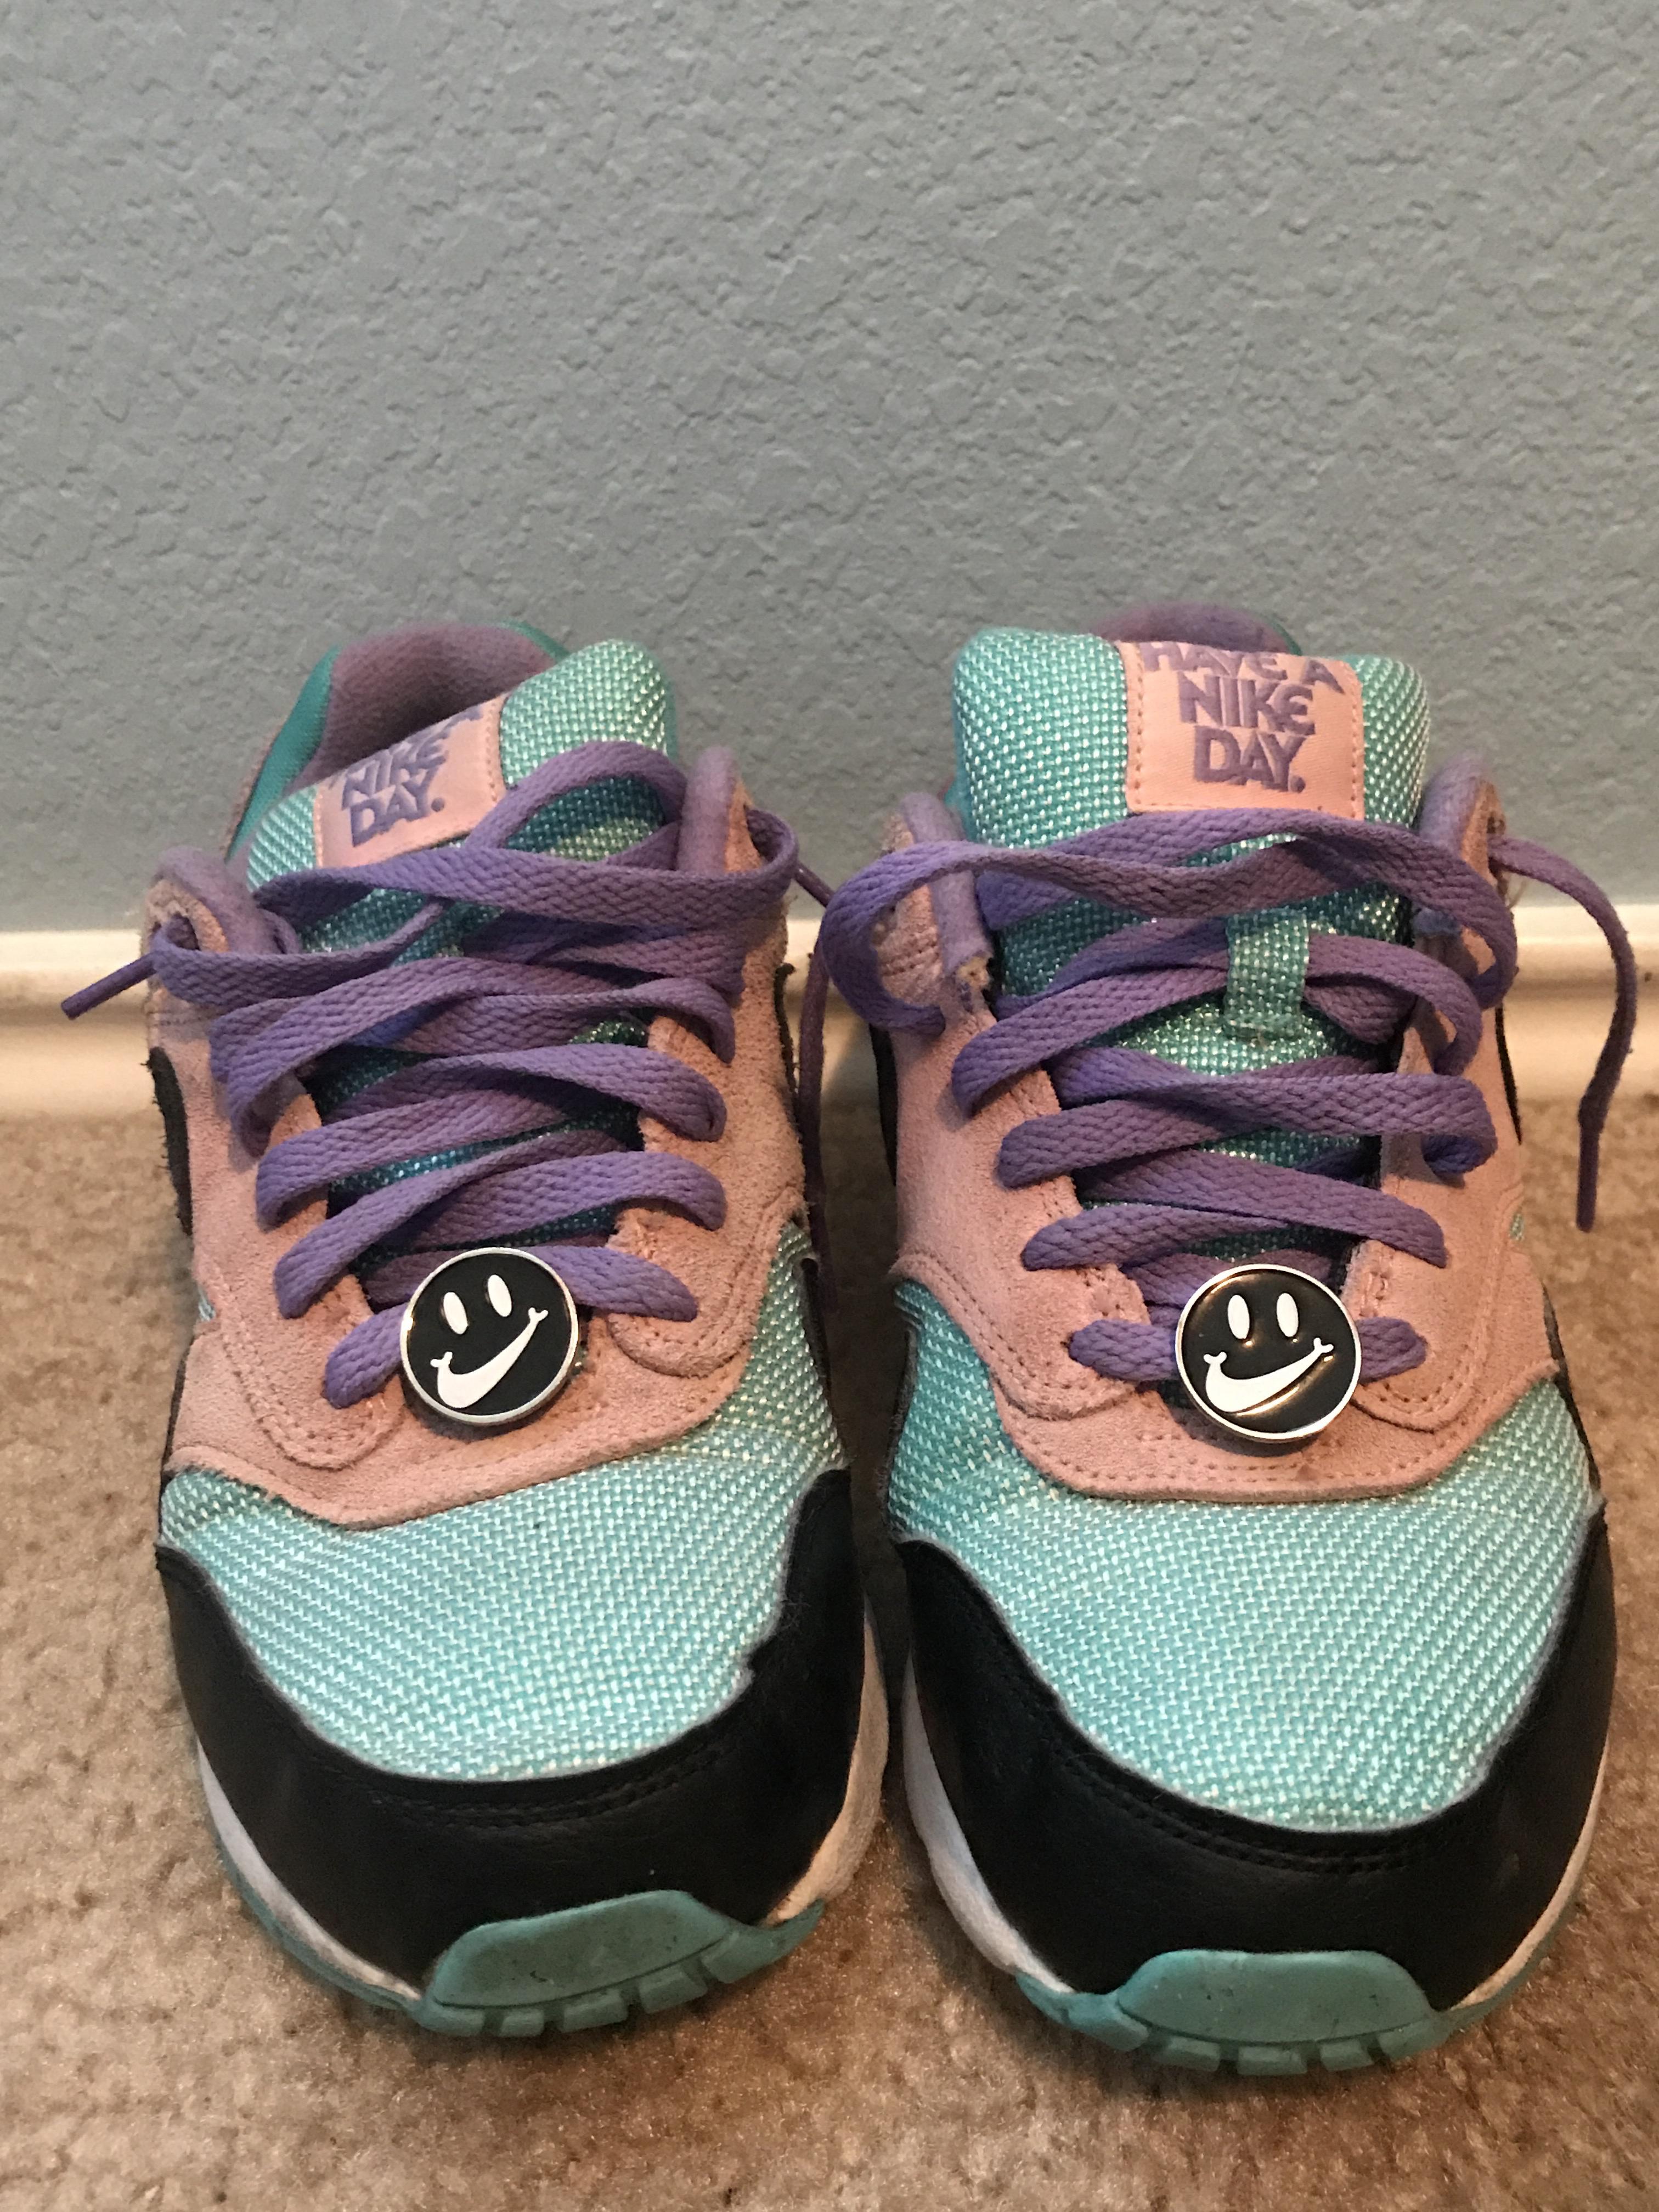 Nike - $65 - Size 6